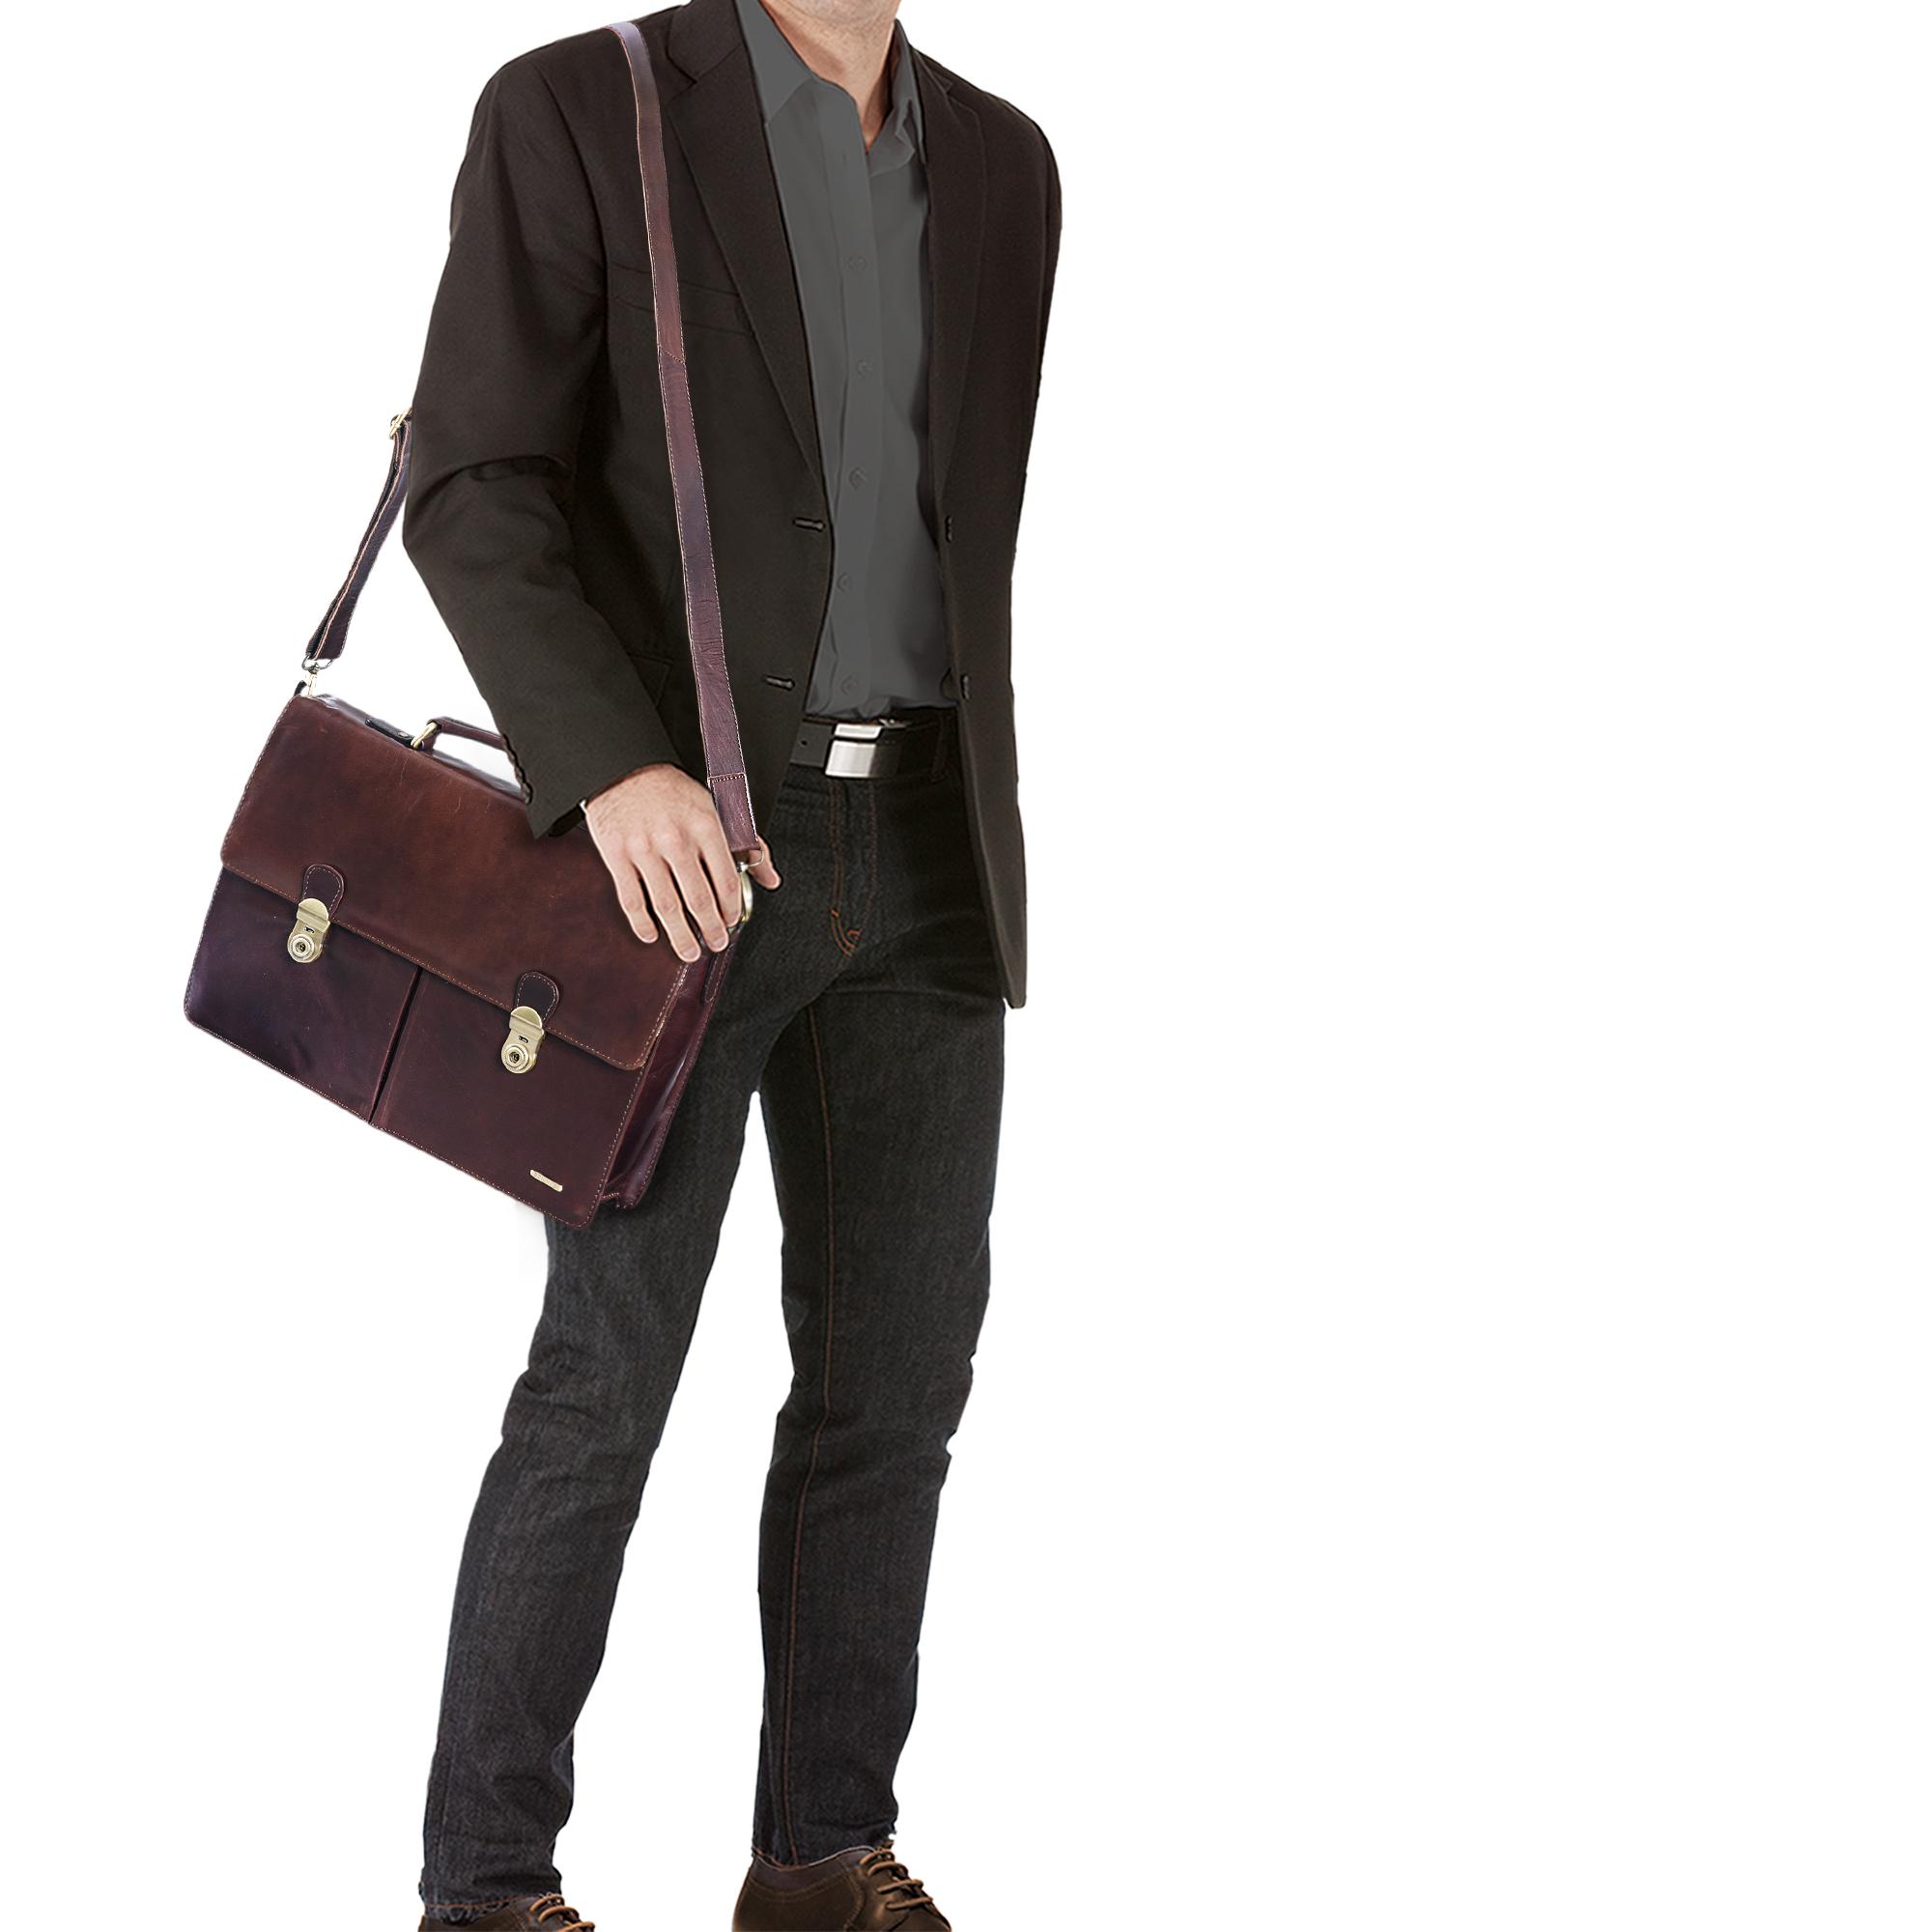 """STILORD """"Arturo"""" Aktentasche Business Herren Leder klassisch elegante Büro Tasche im Vintage Design mit Schloss und abnehmbarem Schultergurt Echtleder - Bild 2"""